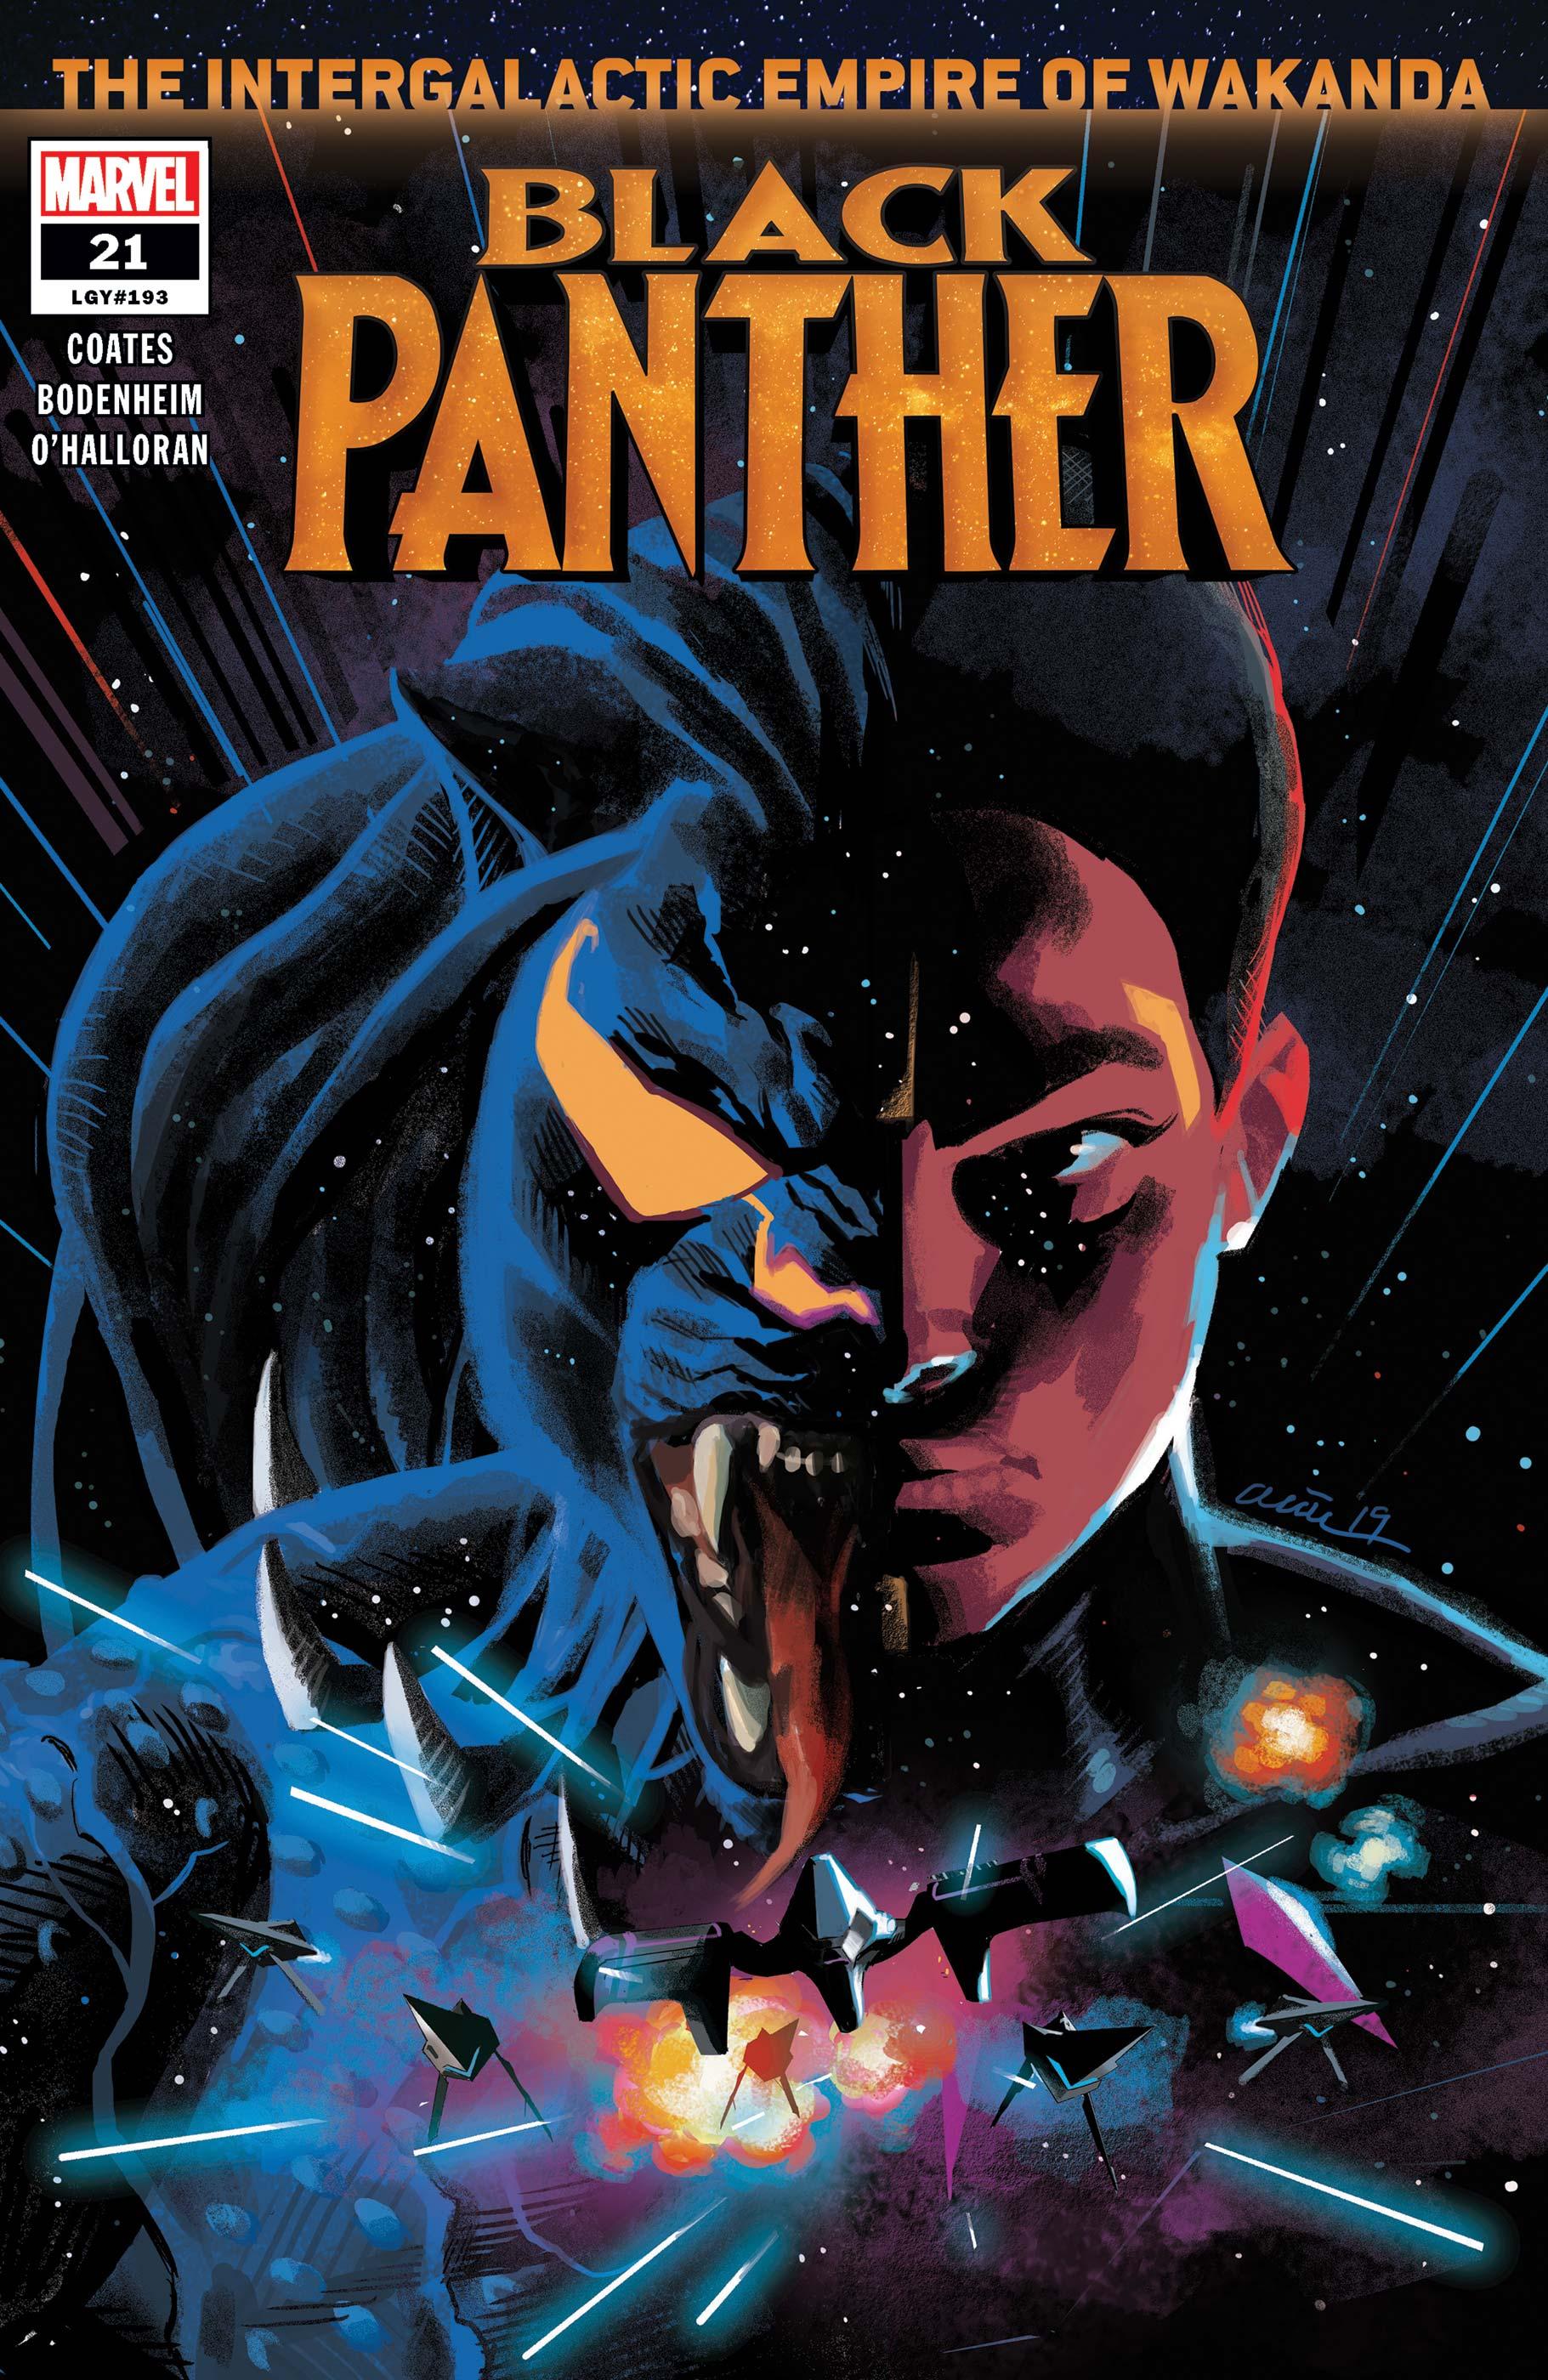 Black Panther (2018) #21